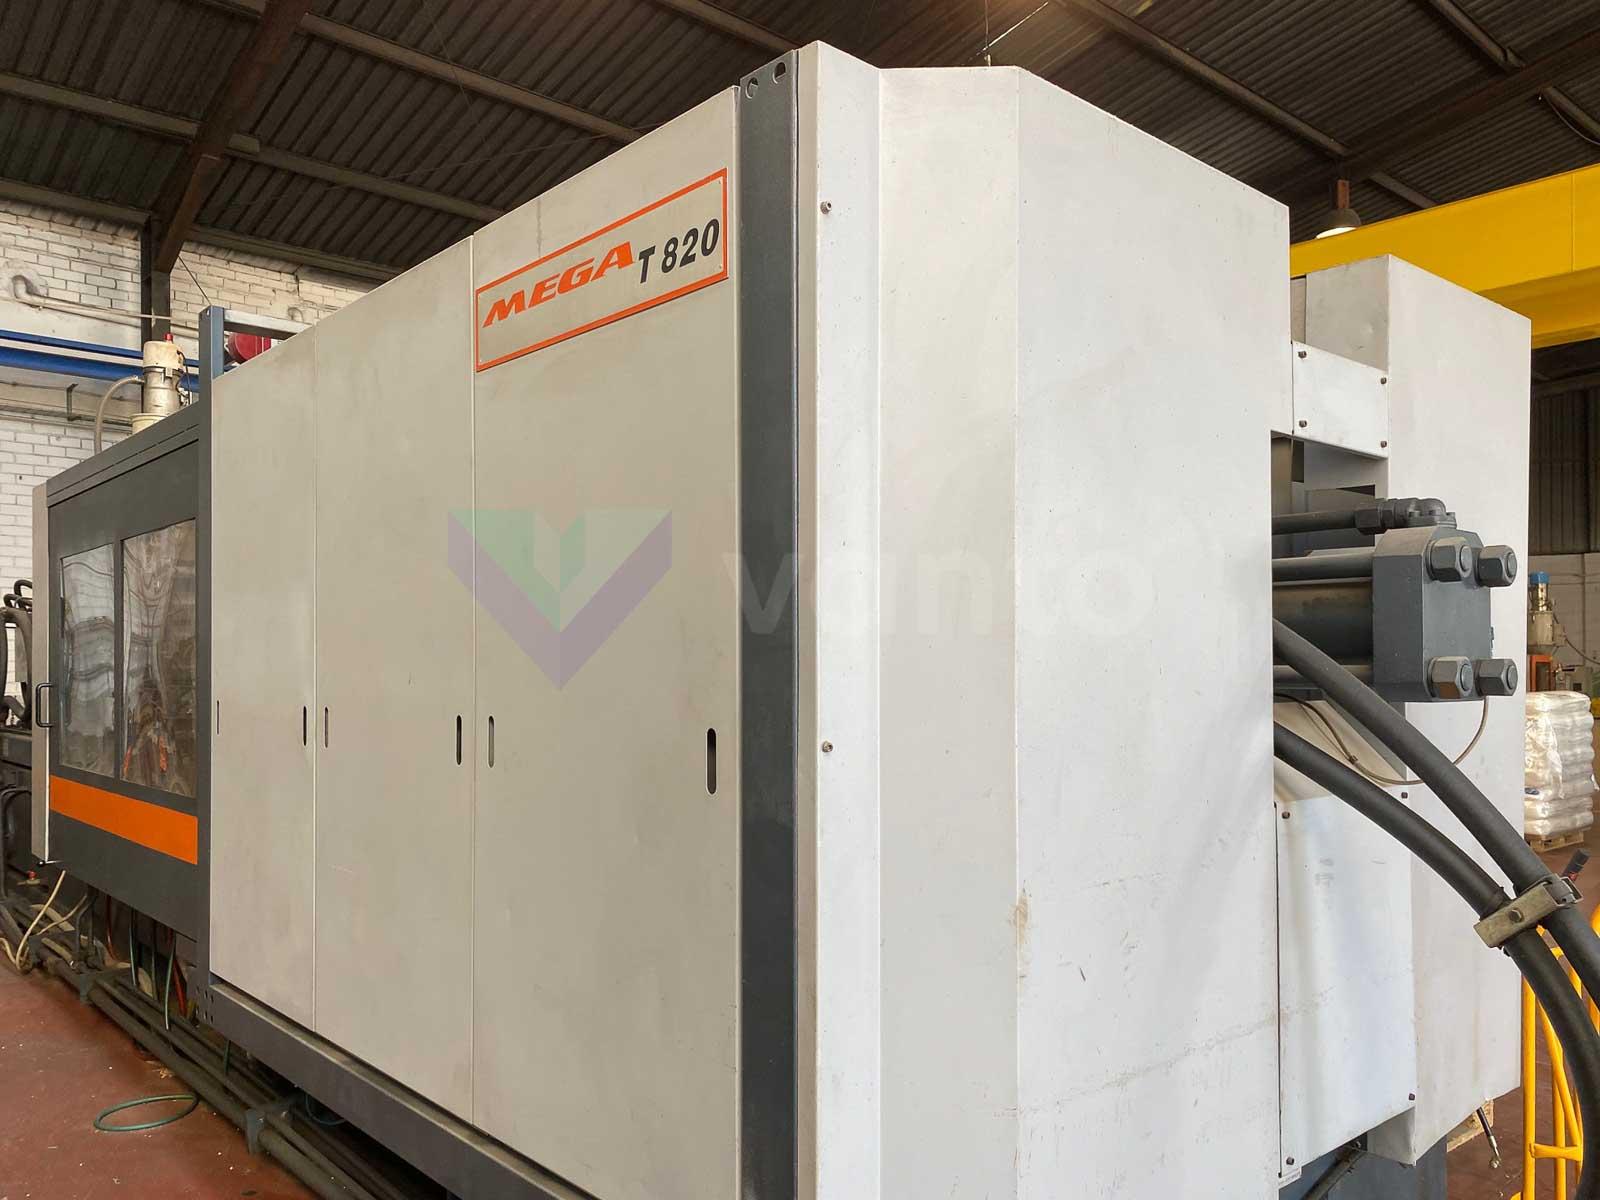 Máquina de moldeo por inyección de 820t SANDRETTO MEGA T 820 (1999) id10495